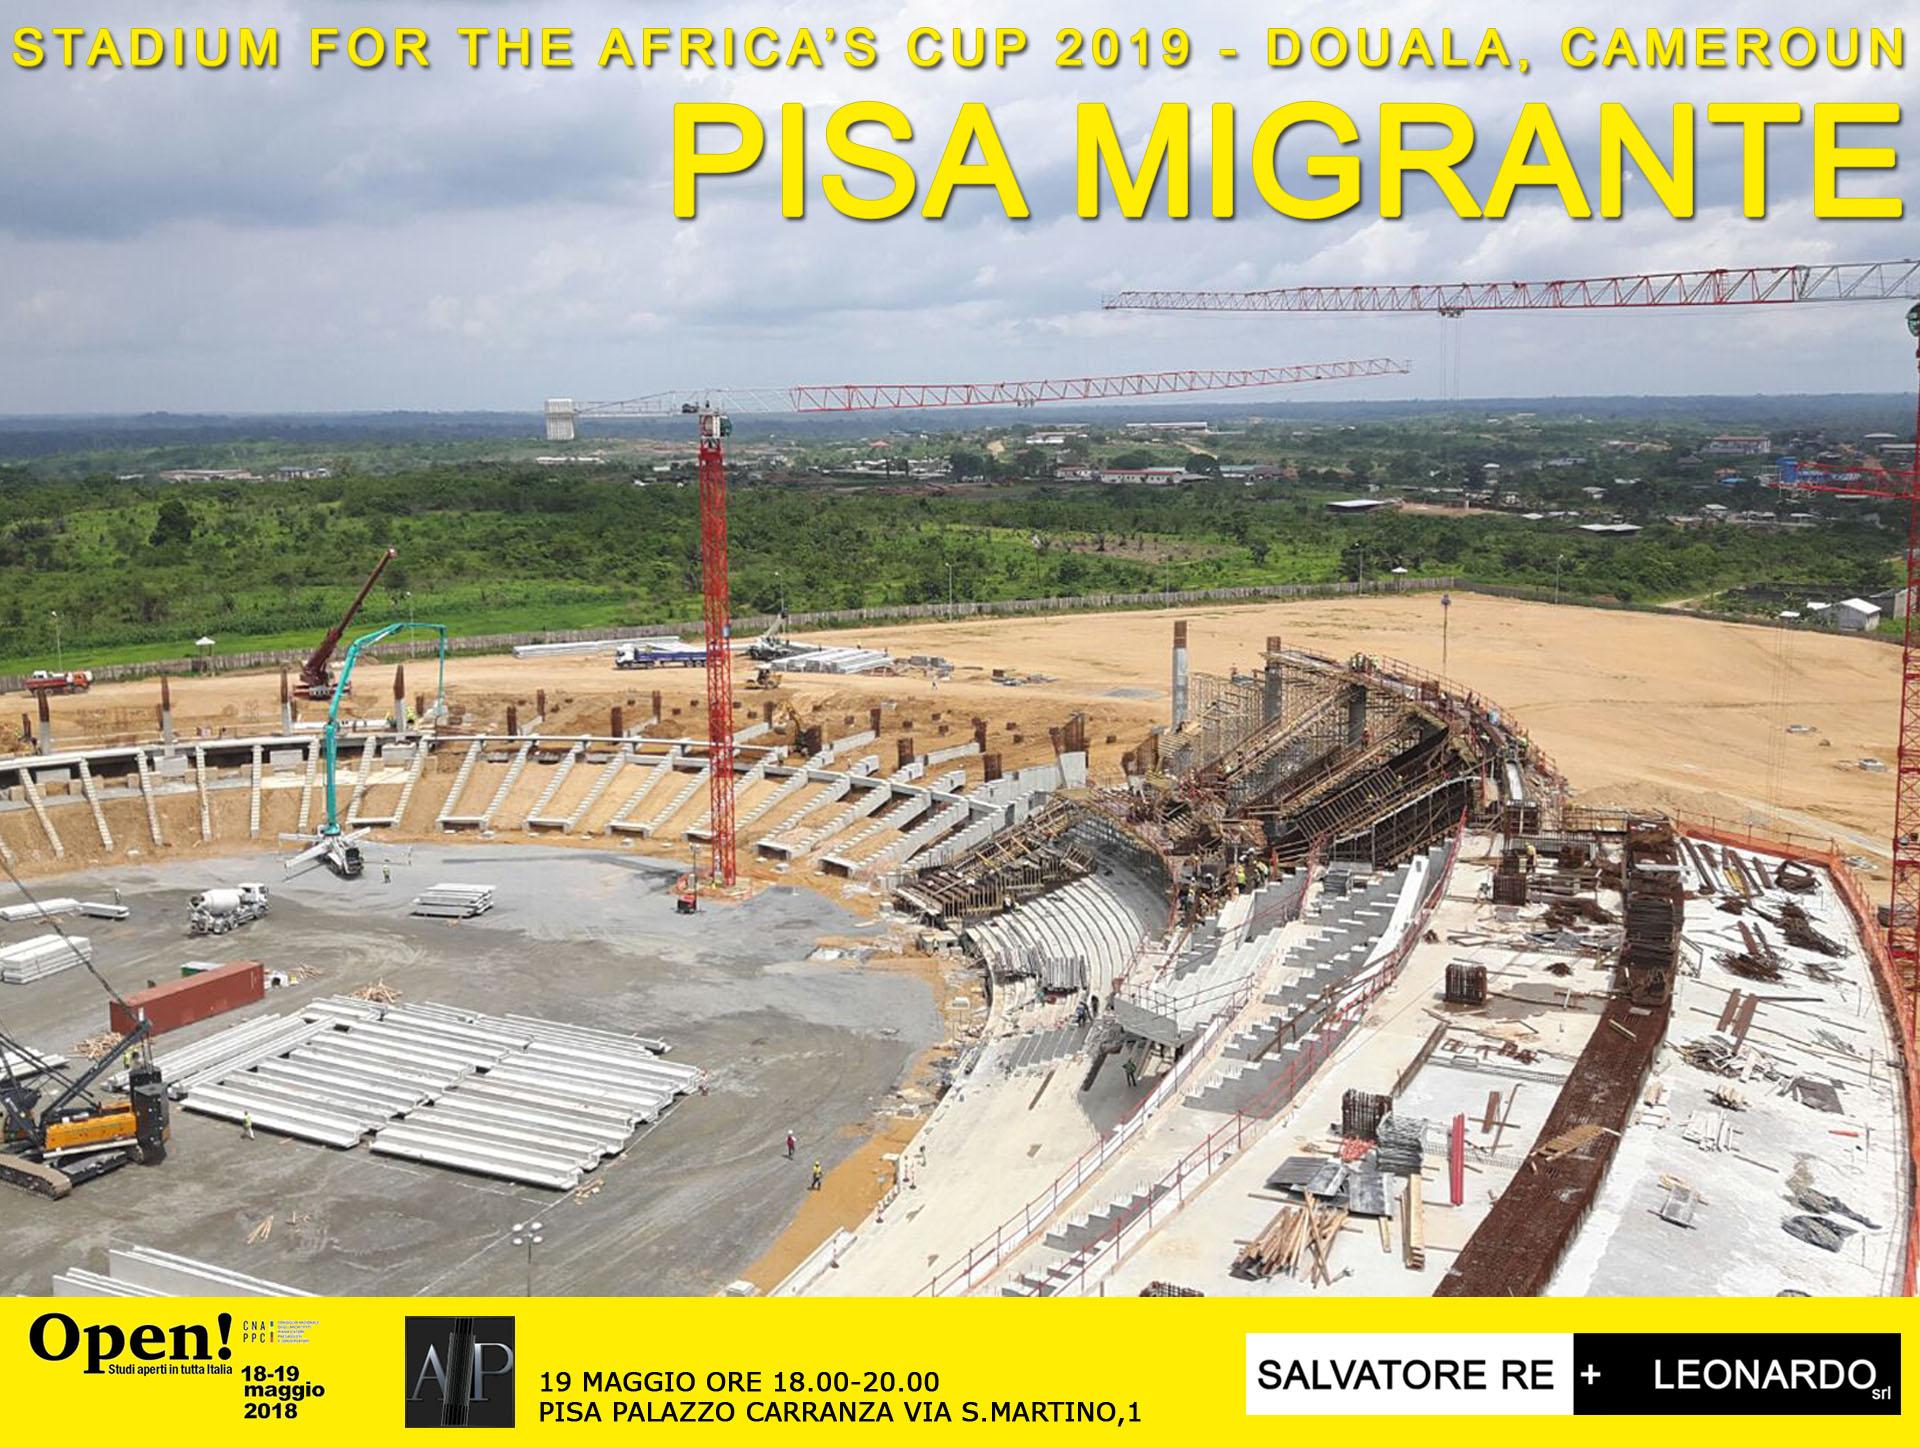 foto cantiere nuovo stadio di Douala, Cameroun